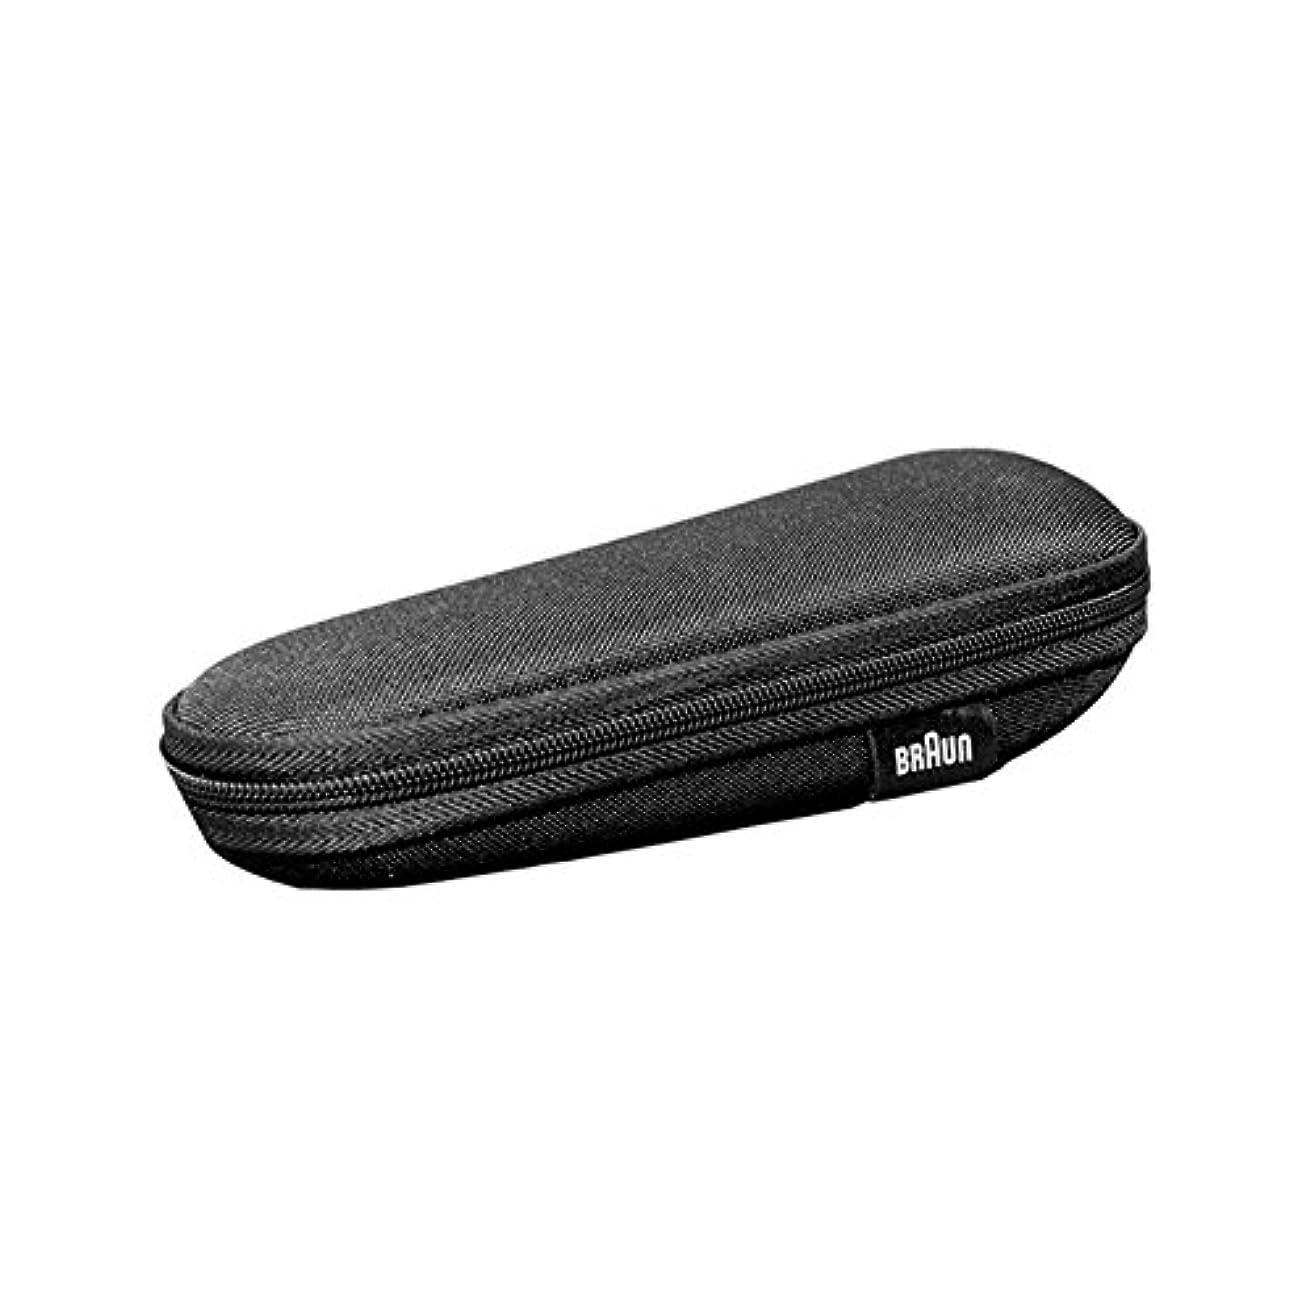 重量限定構築するHZjundasi Travel Hard ケース Protective バッグ ポーチ For Braun Shaver 3020S 3030S 3040S 3050CC